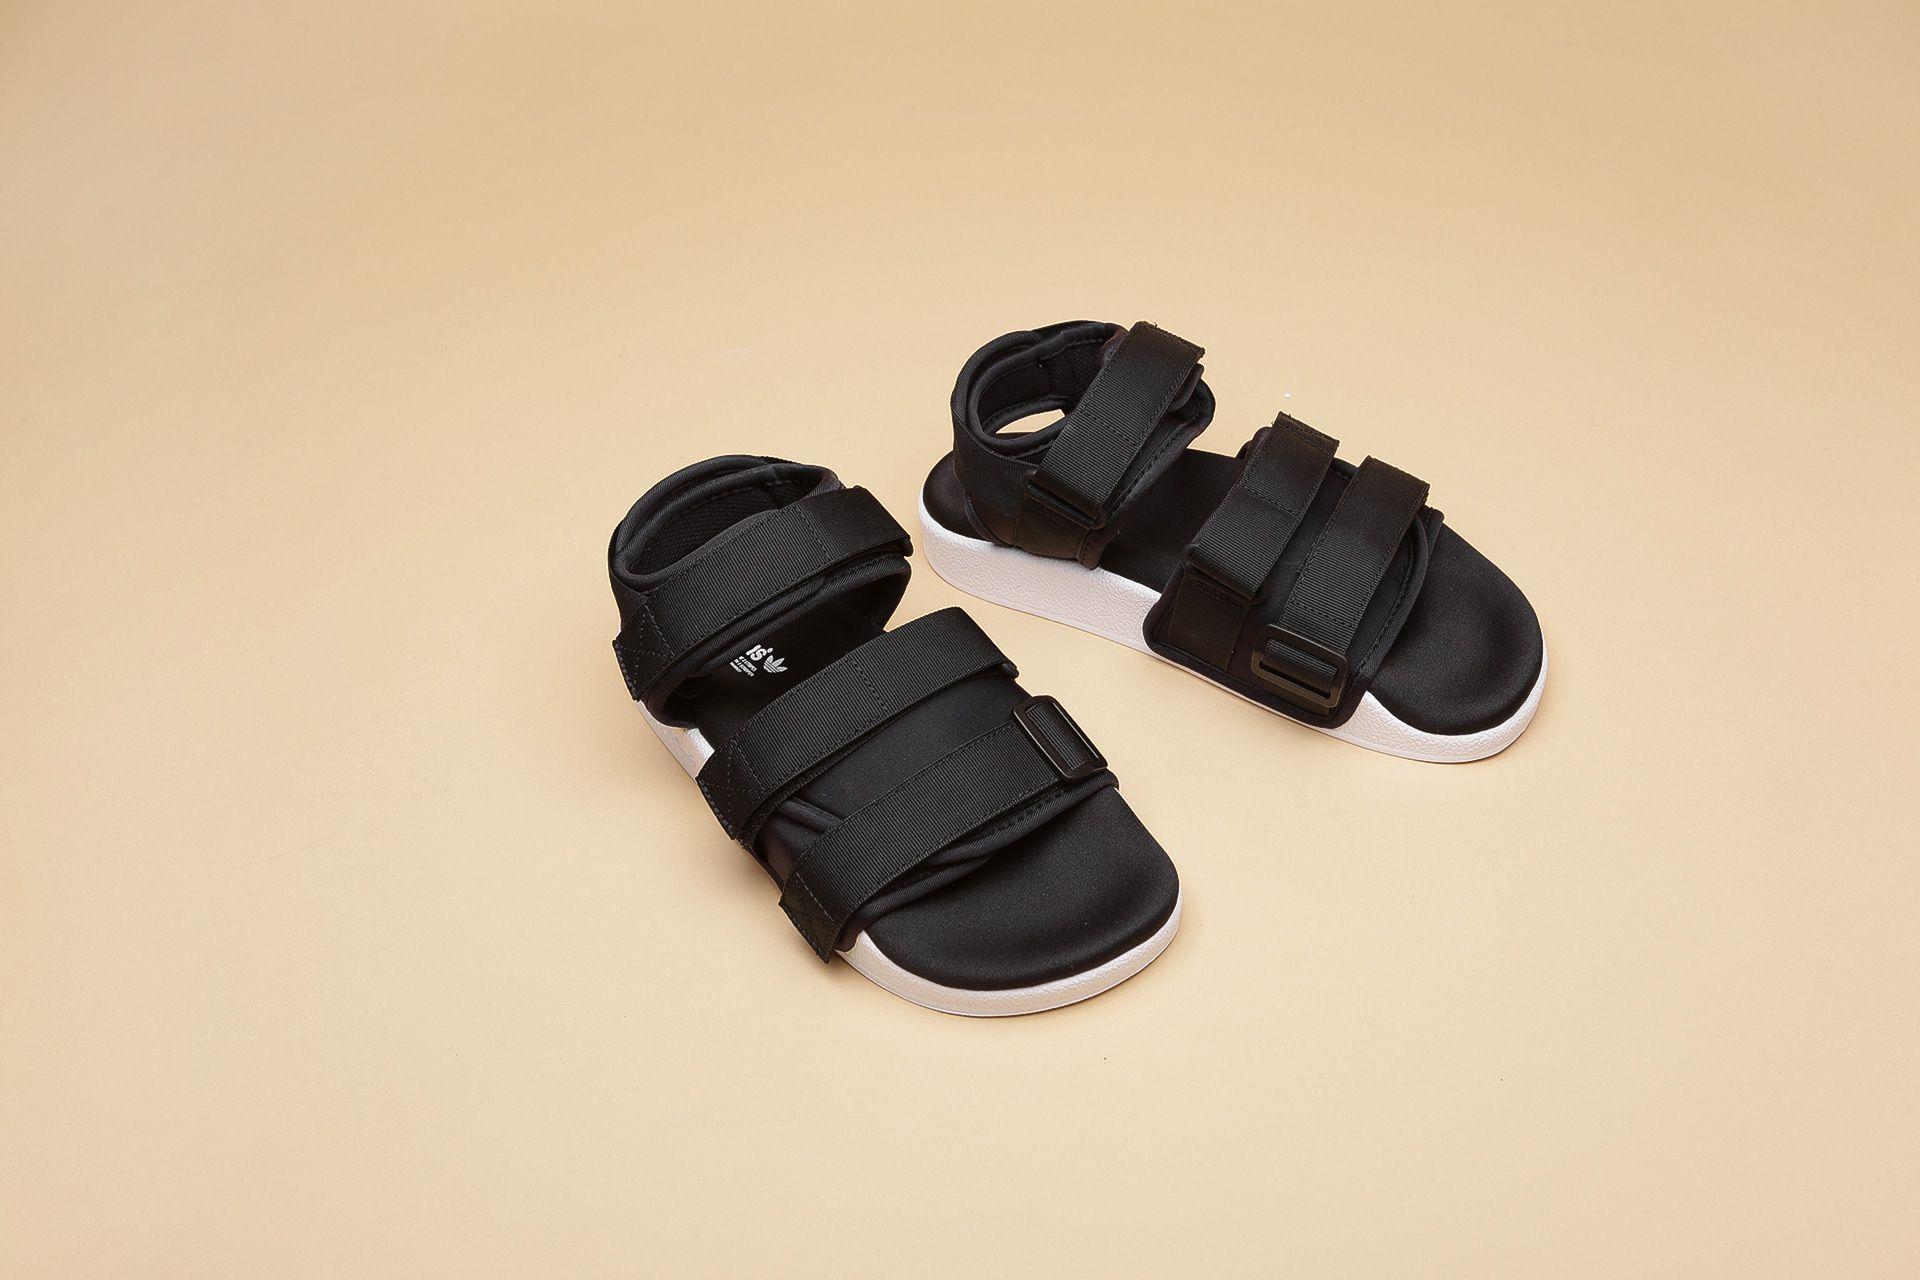 f4870071d Купить черные женские сандали Adilette Sandal W от adidas Originals ...